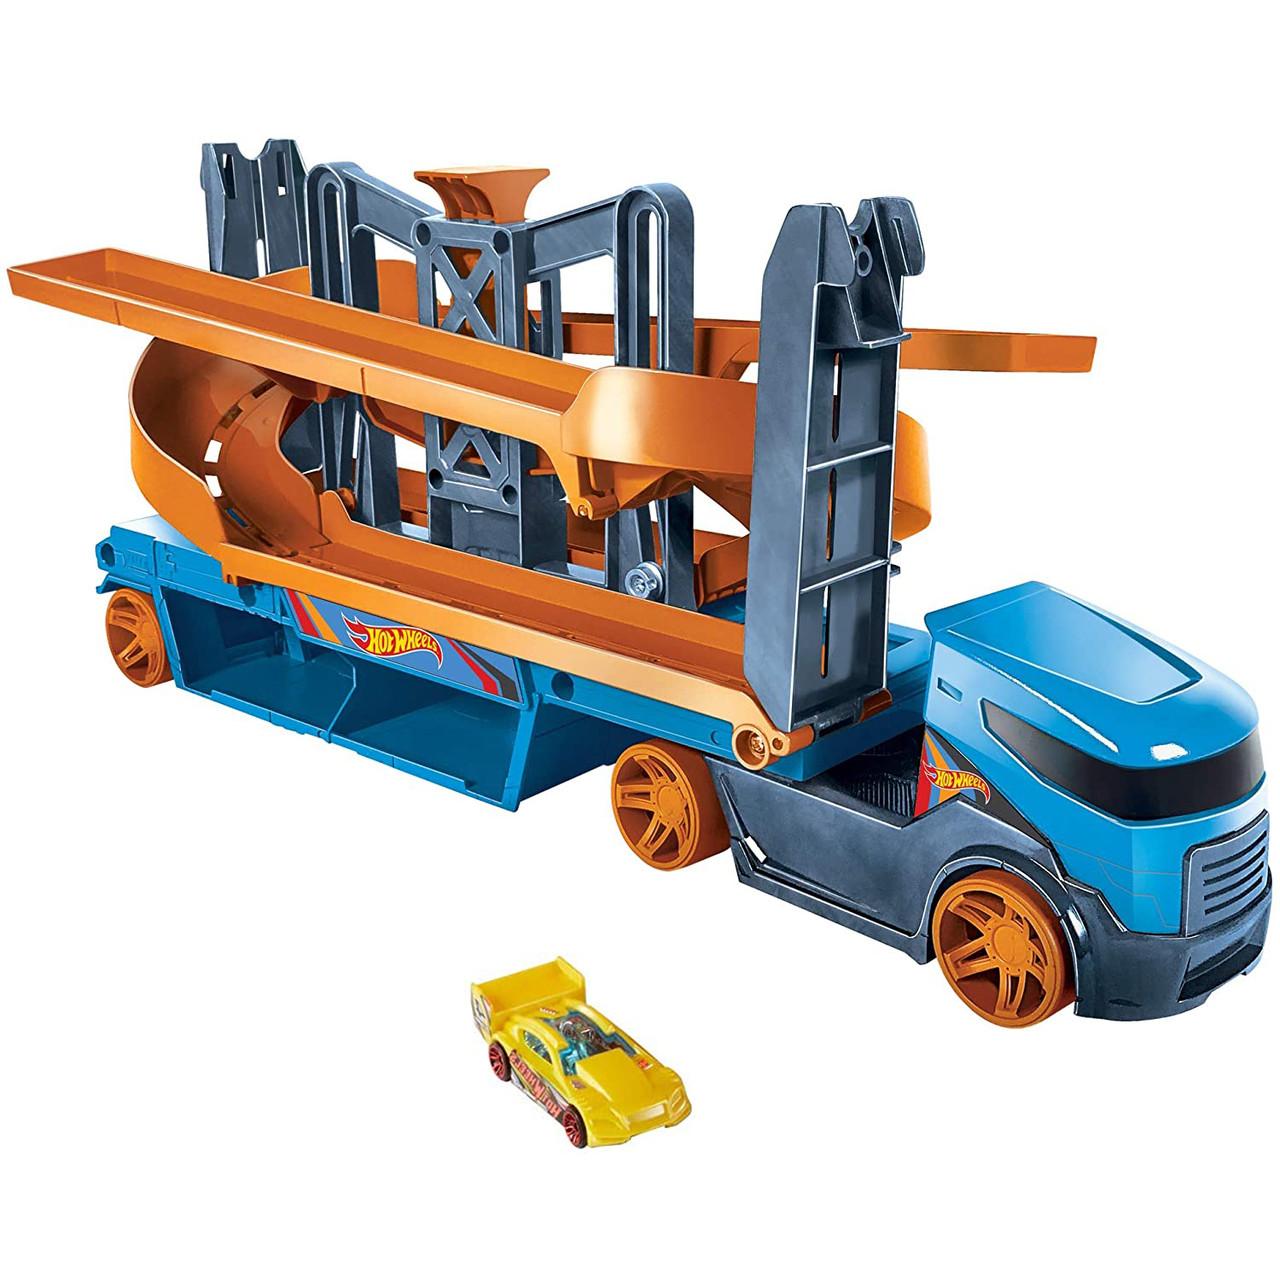 Хот Вилс Мега грузовик Автовоз транспортер на 20 машинок Крутой спуск Hot Wheels Mega Hauler